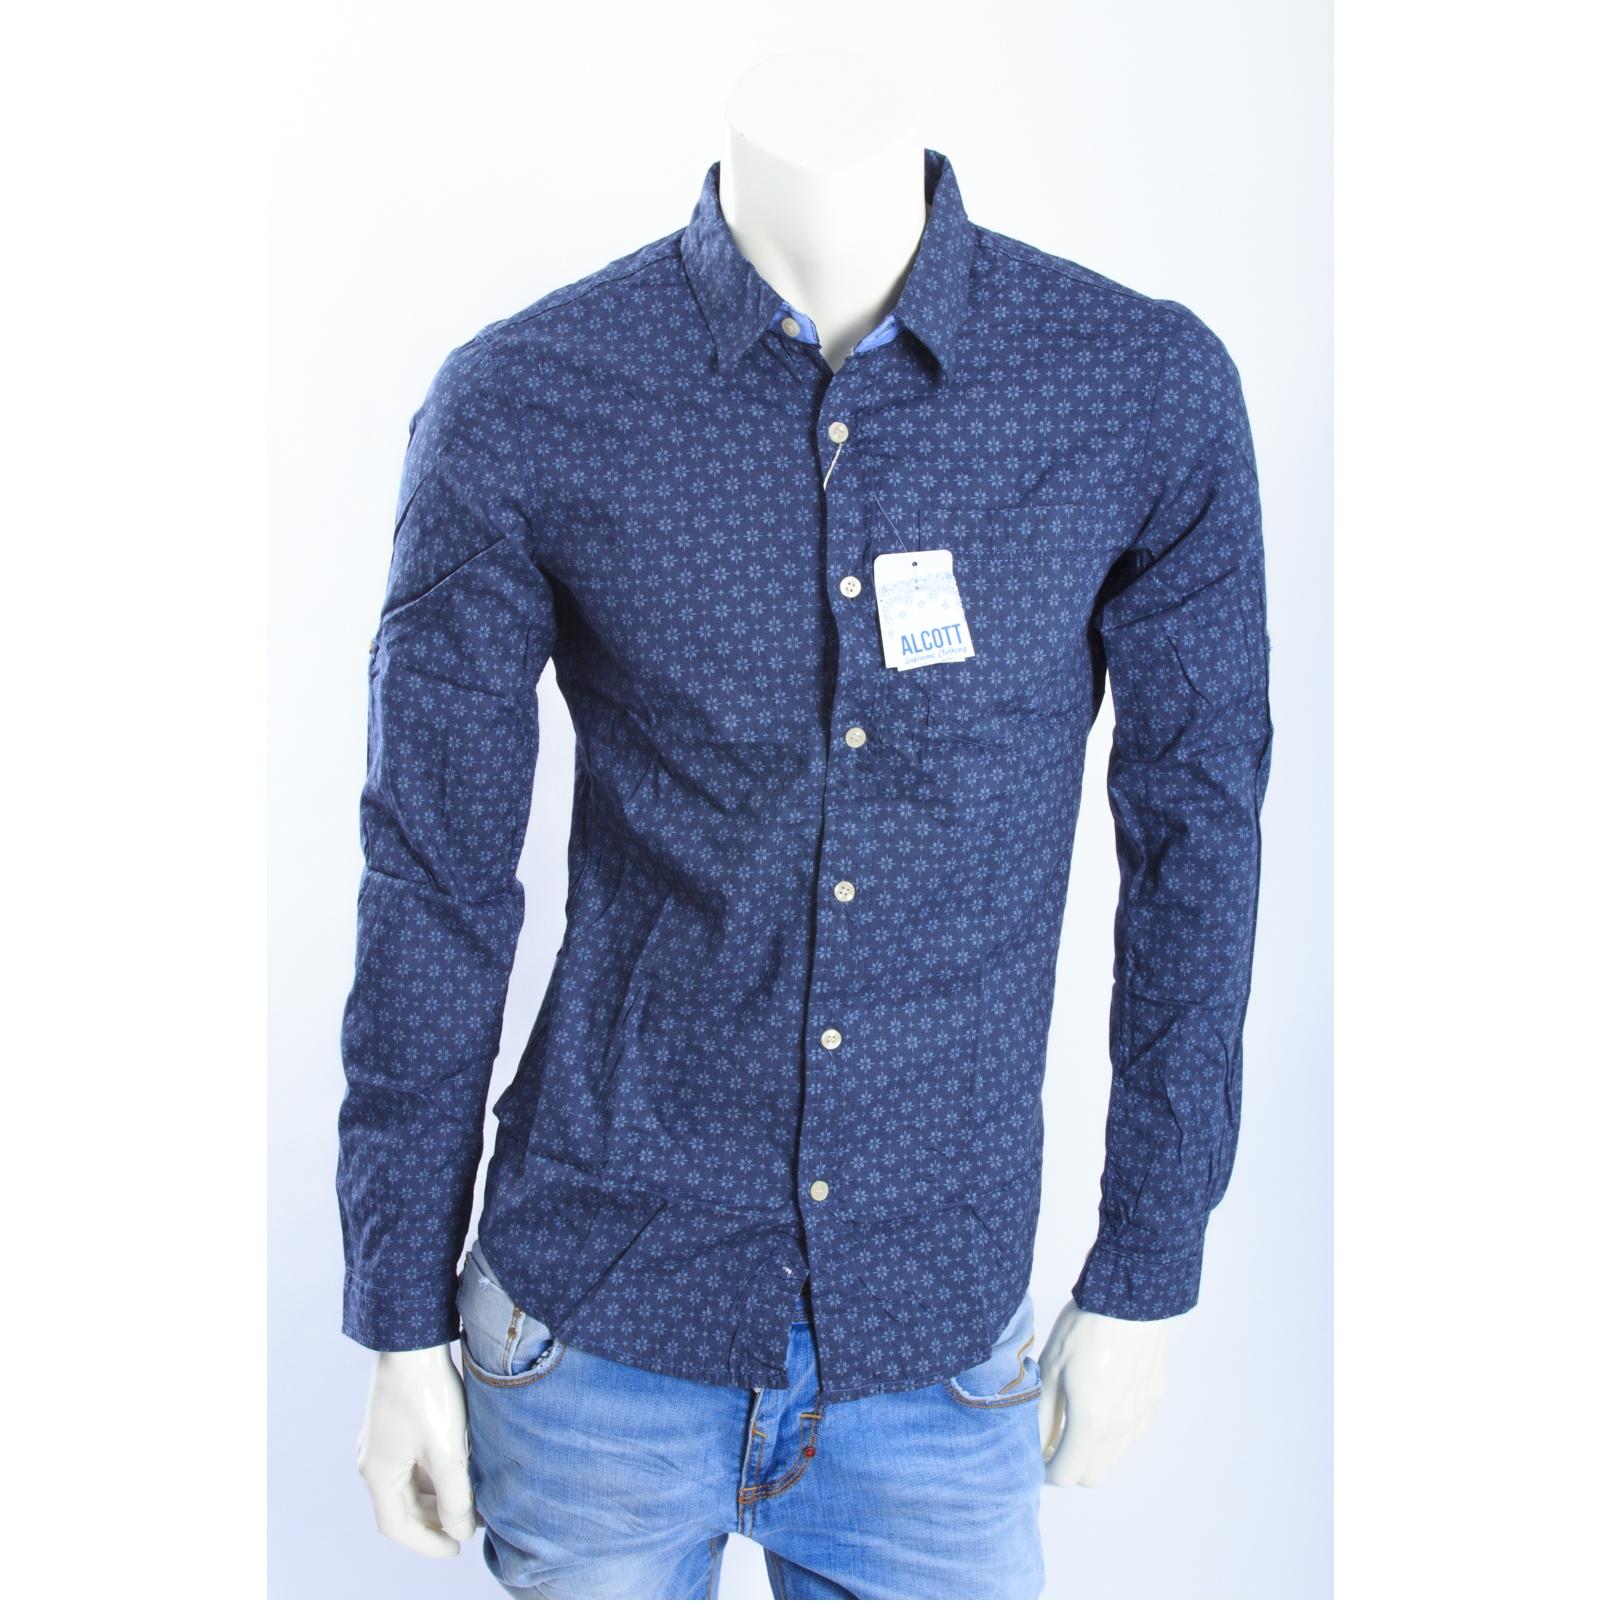 di camicia art in cotone ALCOTT BLU UOSS14 fantasia qpCPzn